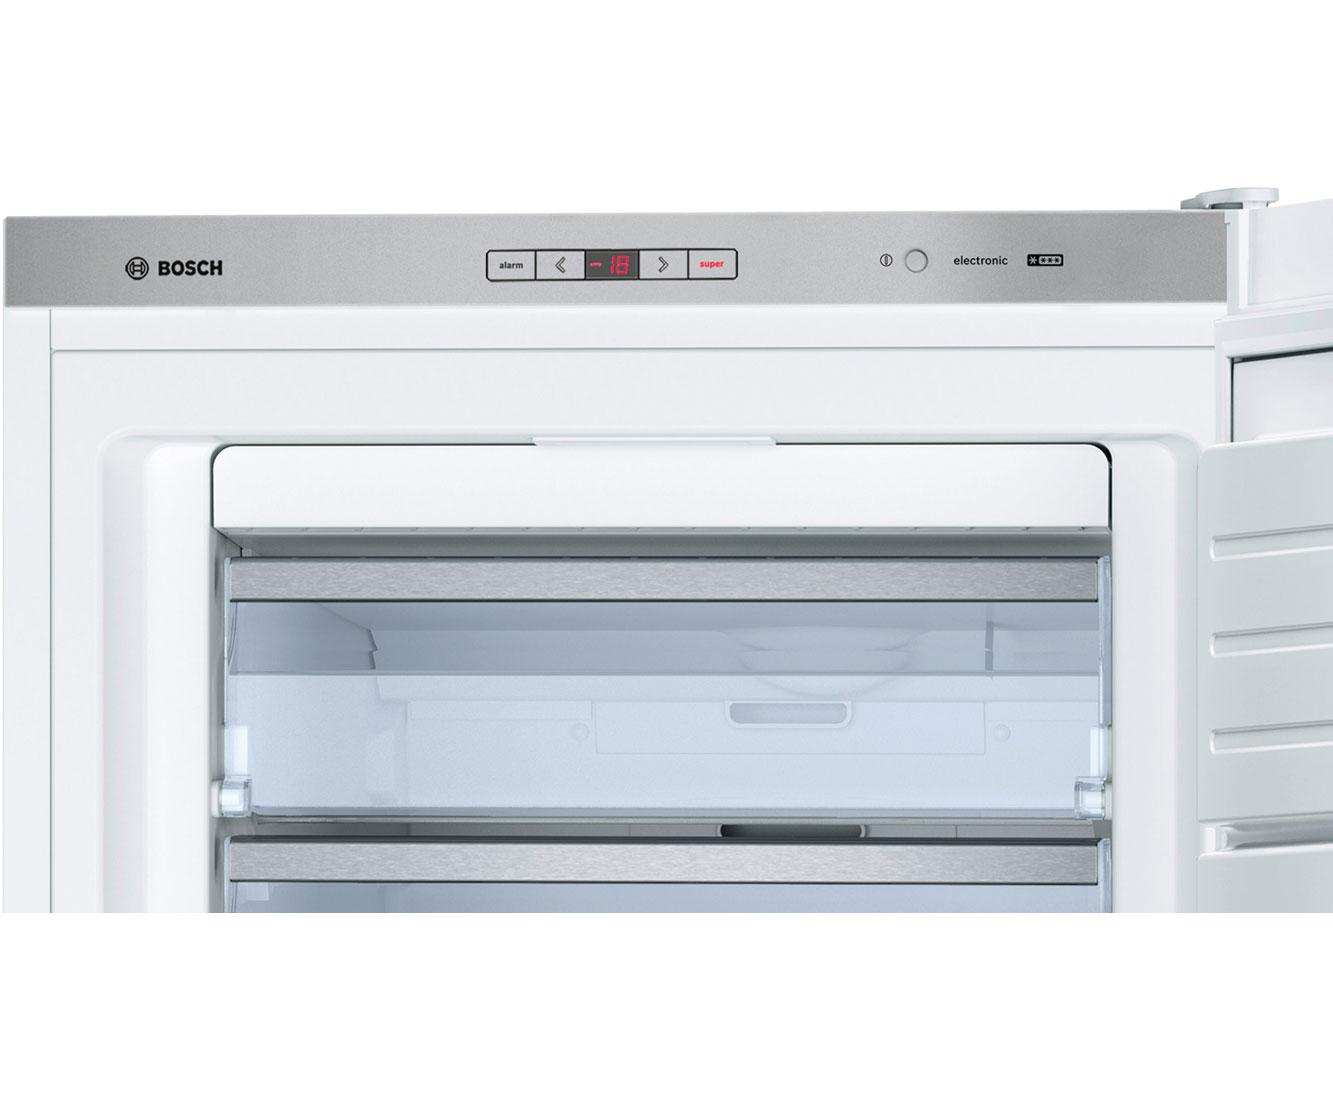 Bosch GSN51AW45